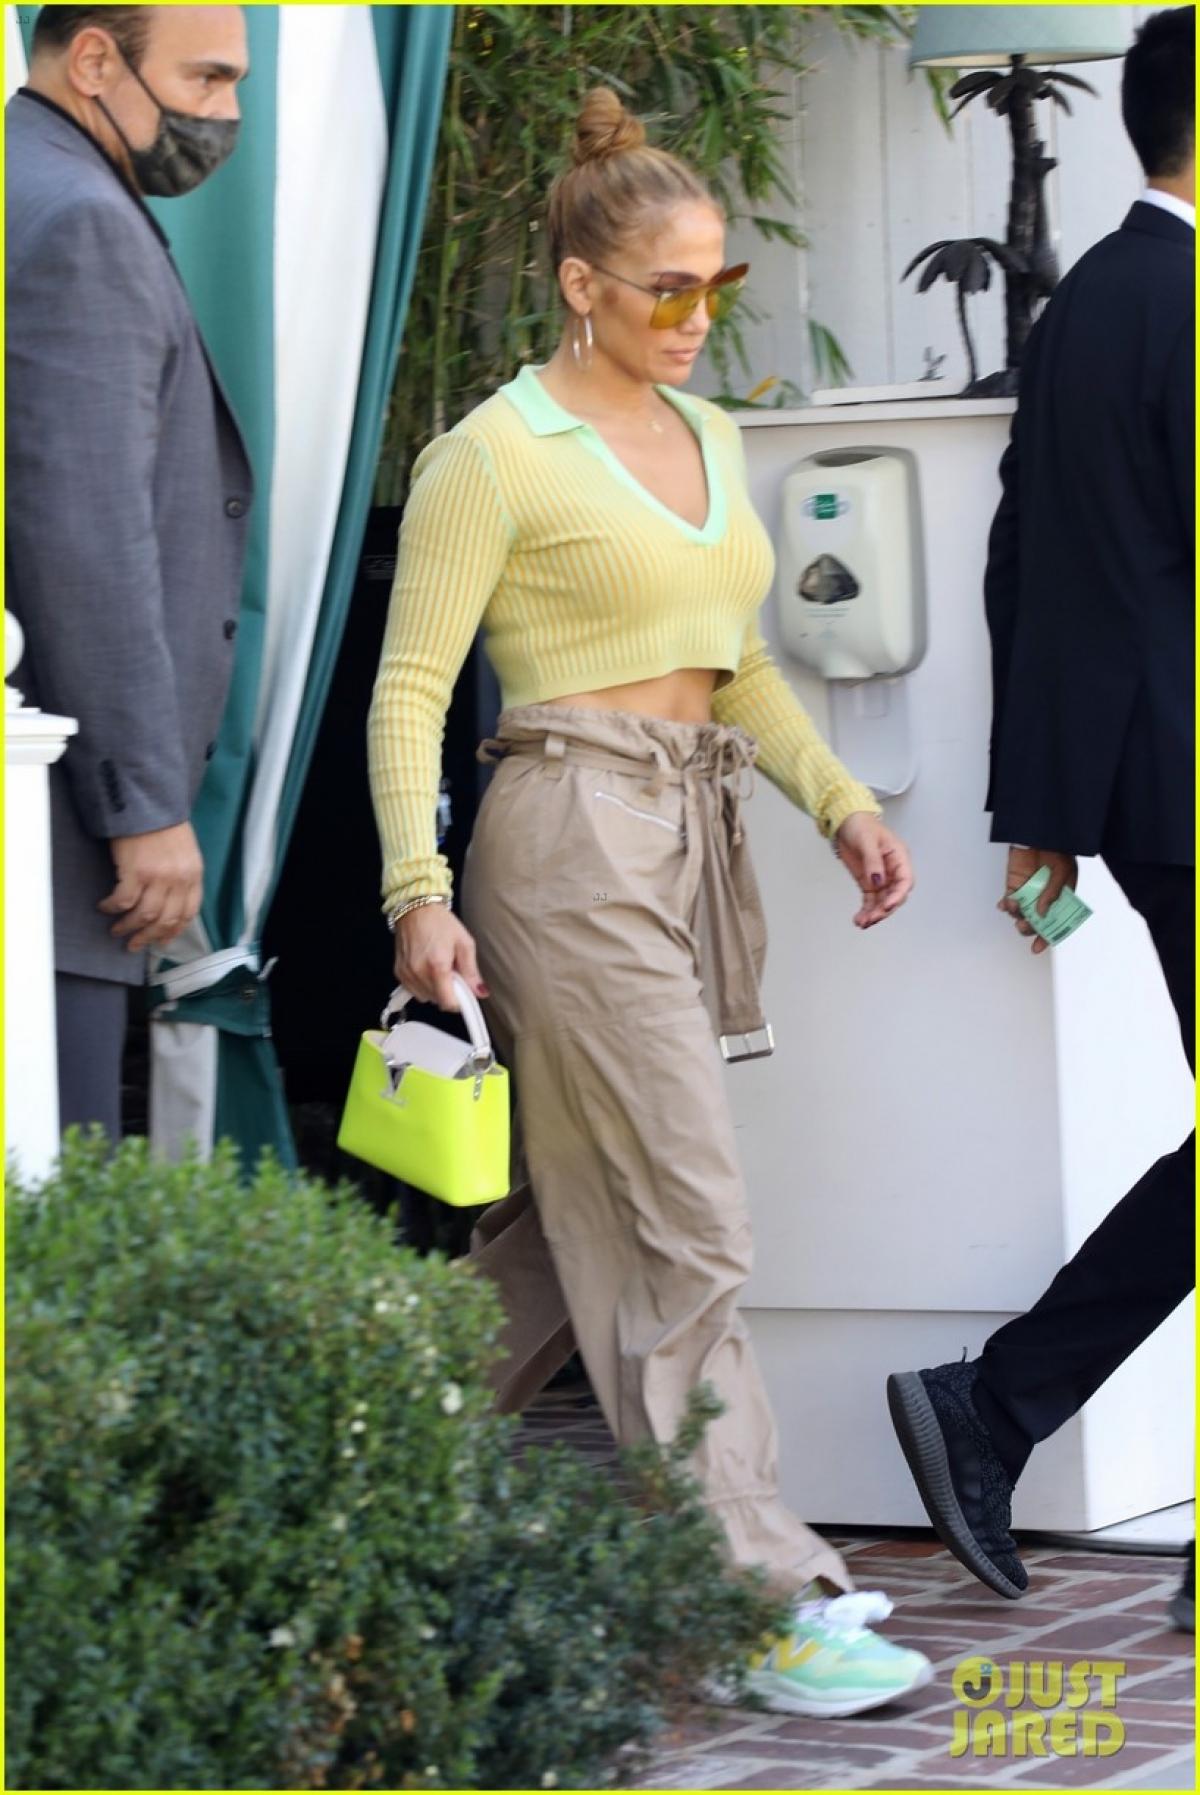 """Mới đây, Jennifer Lopez trở thành """"tâm điểm"""" của sự chú ý khi đến dự một cuộc họp kinh doanh ở California."""